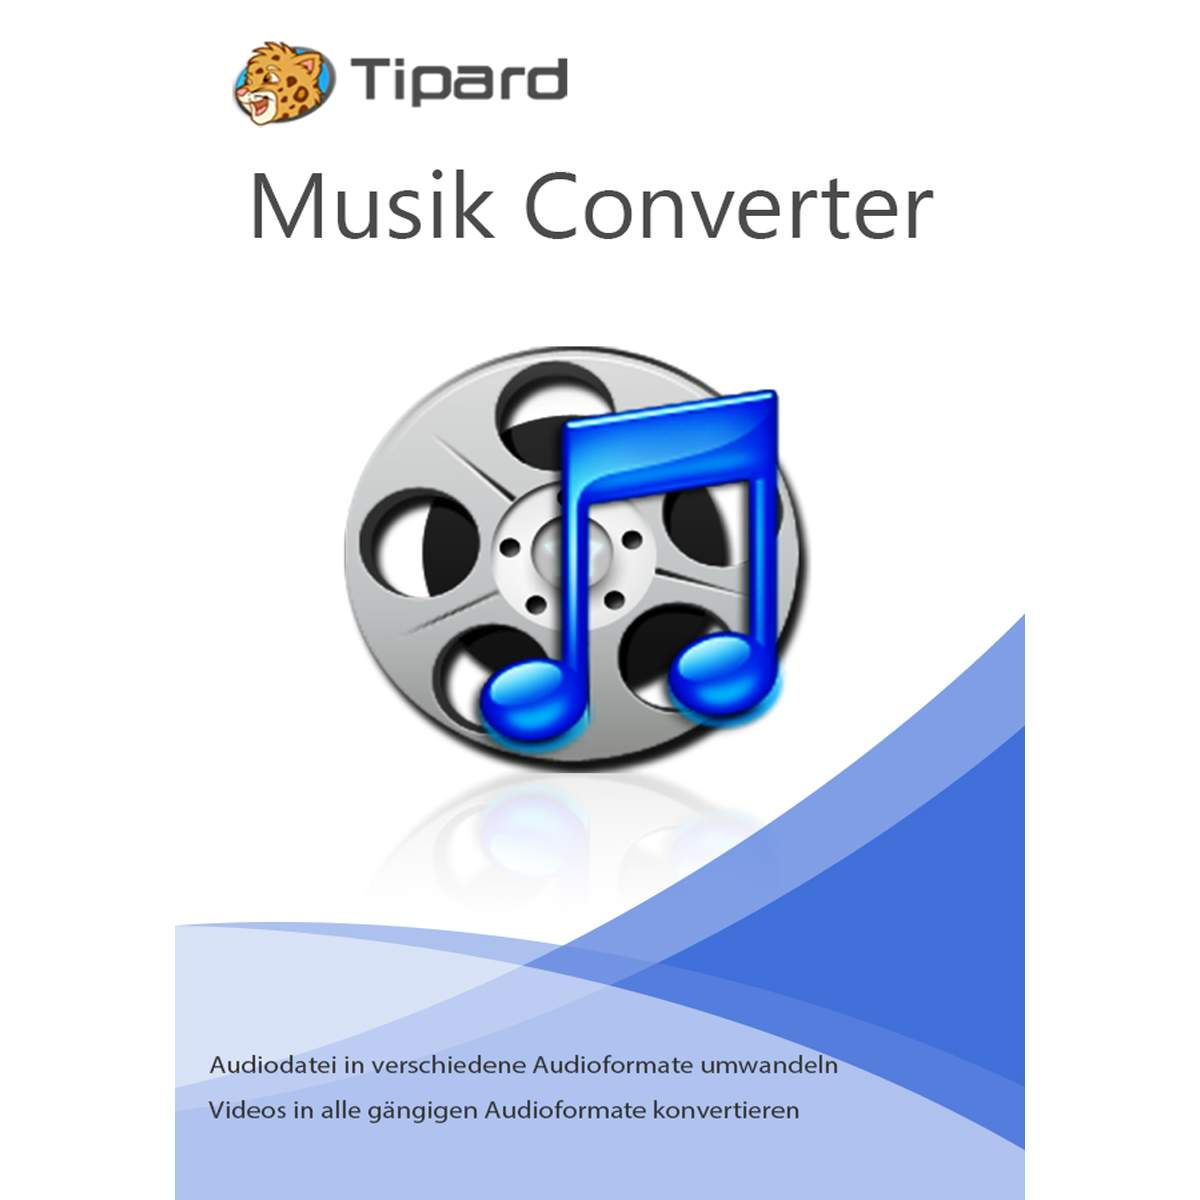 Tipard Musik Converter lebenslange Lizenz 0